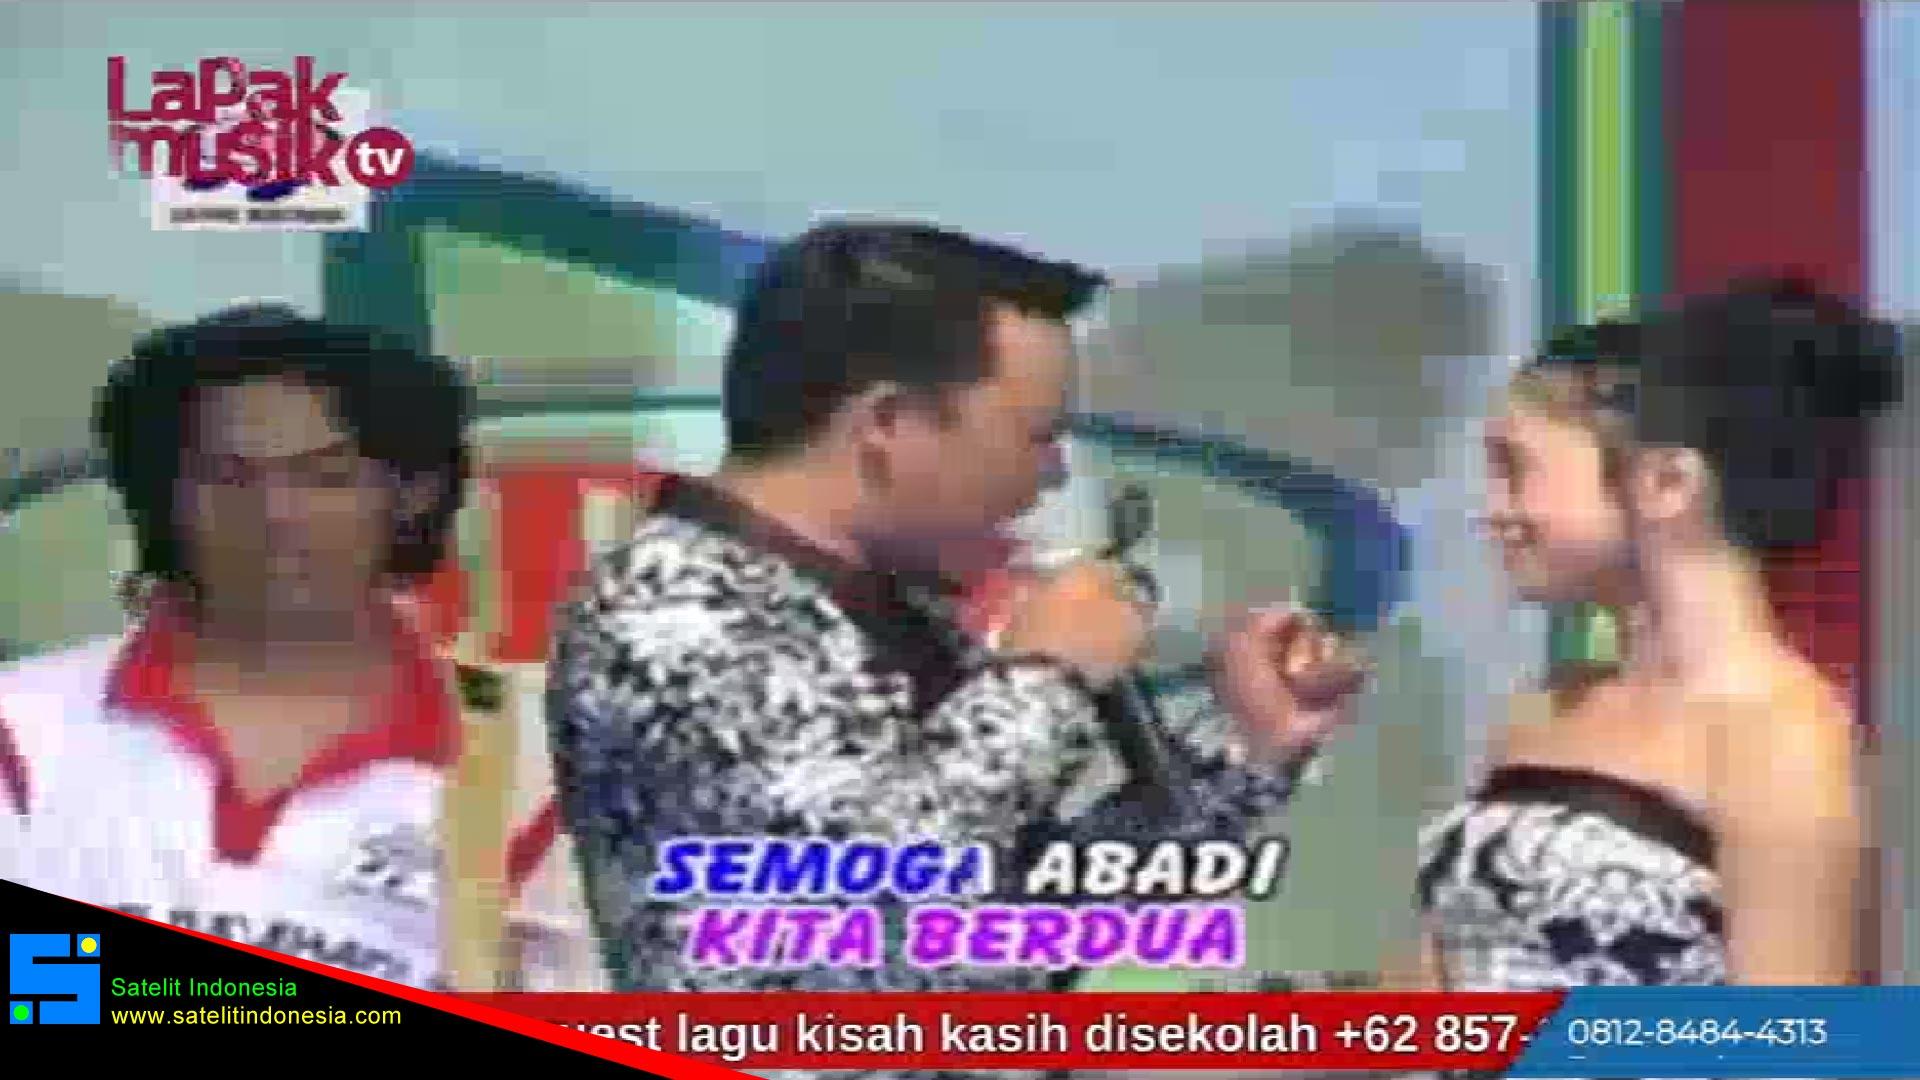 Frekuensi siaran Lapak Musik TV di satelit Telkom 4 Terbaru